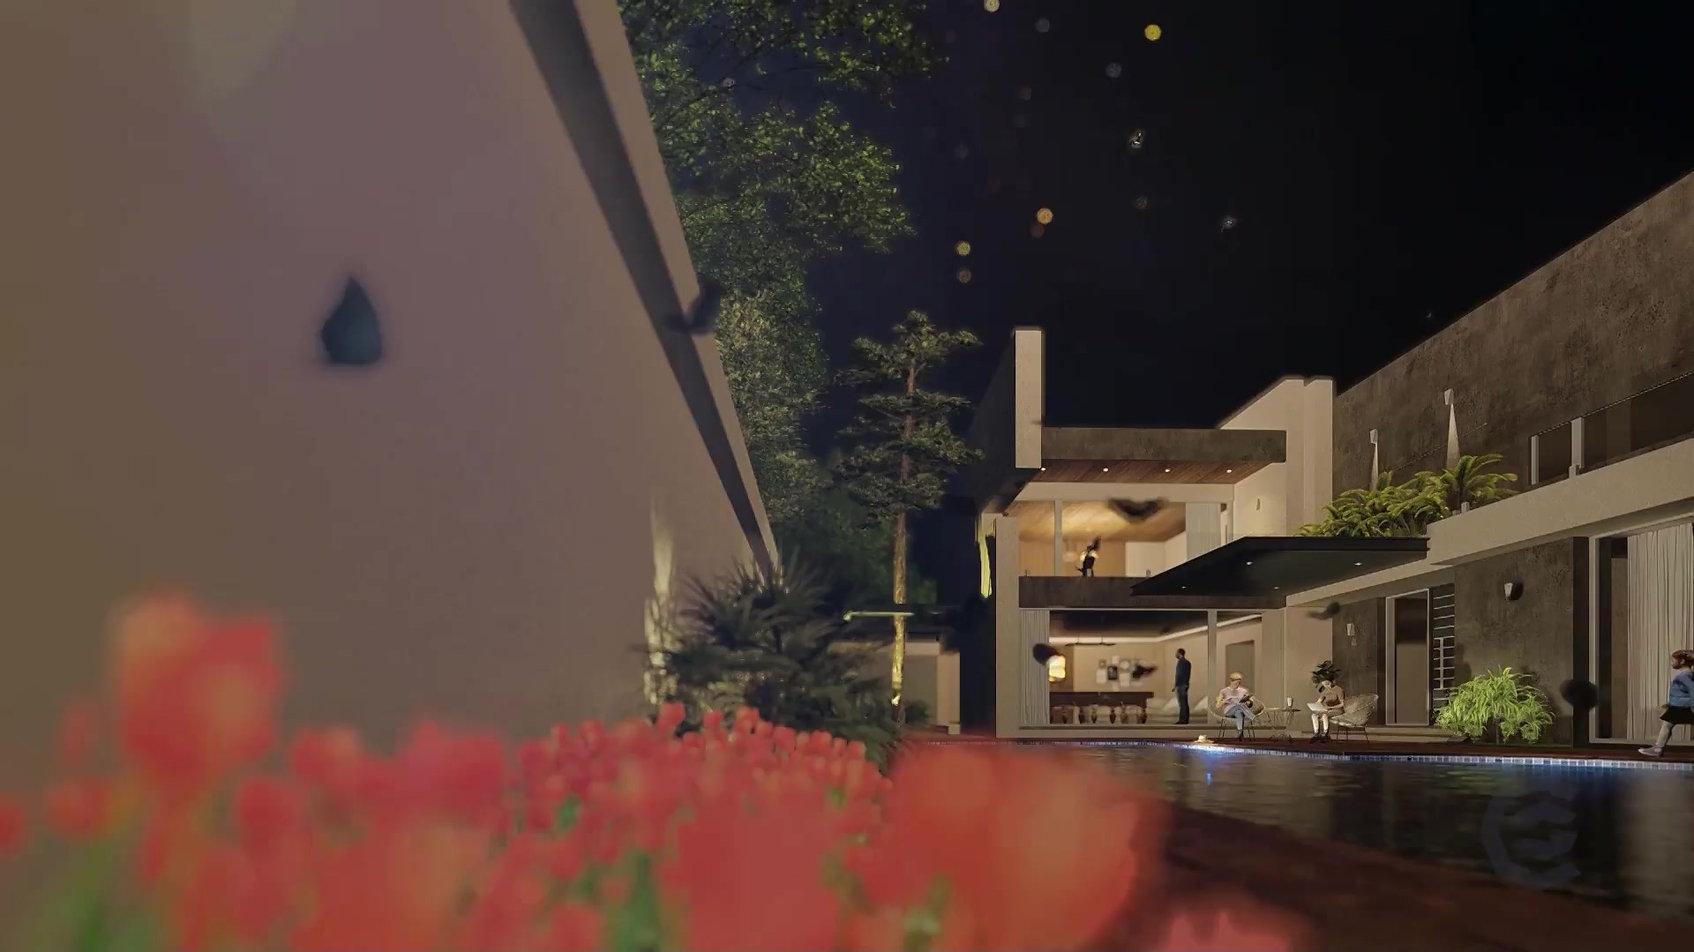 Exercício de animação externa noturna.